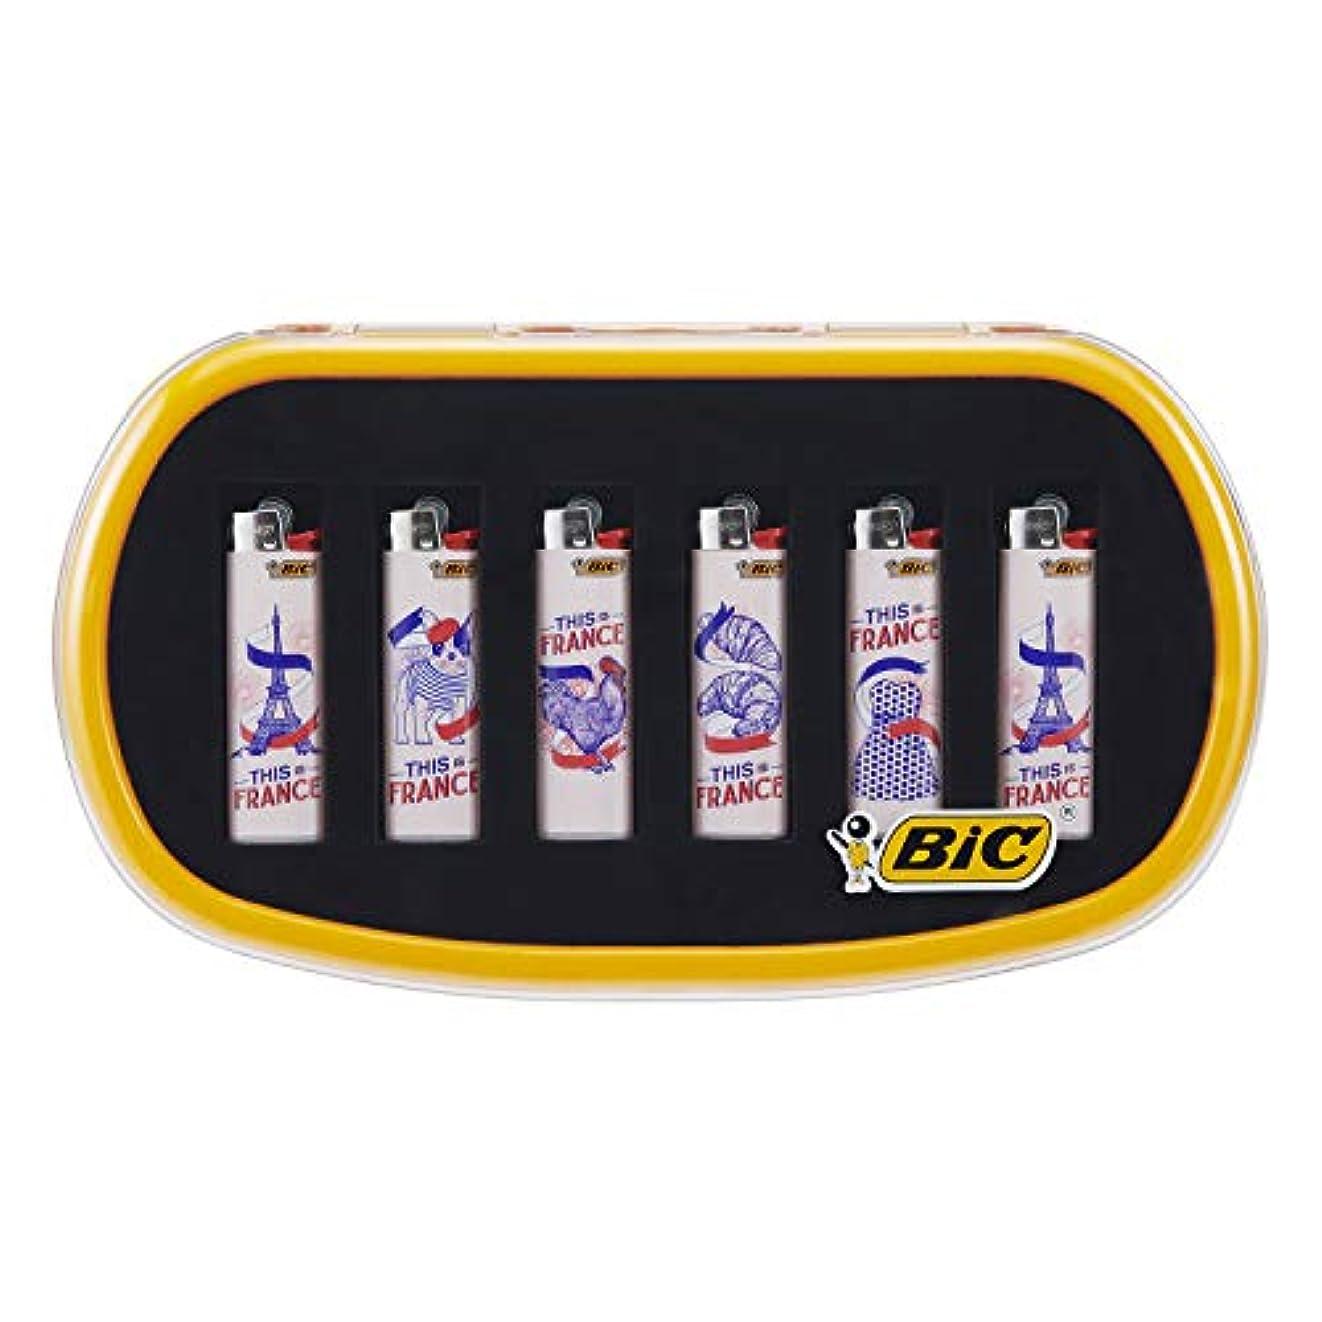 気楽な理想的狂人ビック(Bic) ライター J23 スリム フレンチデザイン 6本セット オリジナルケース J23D-TIF6BOX